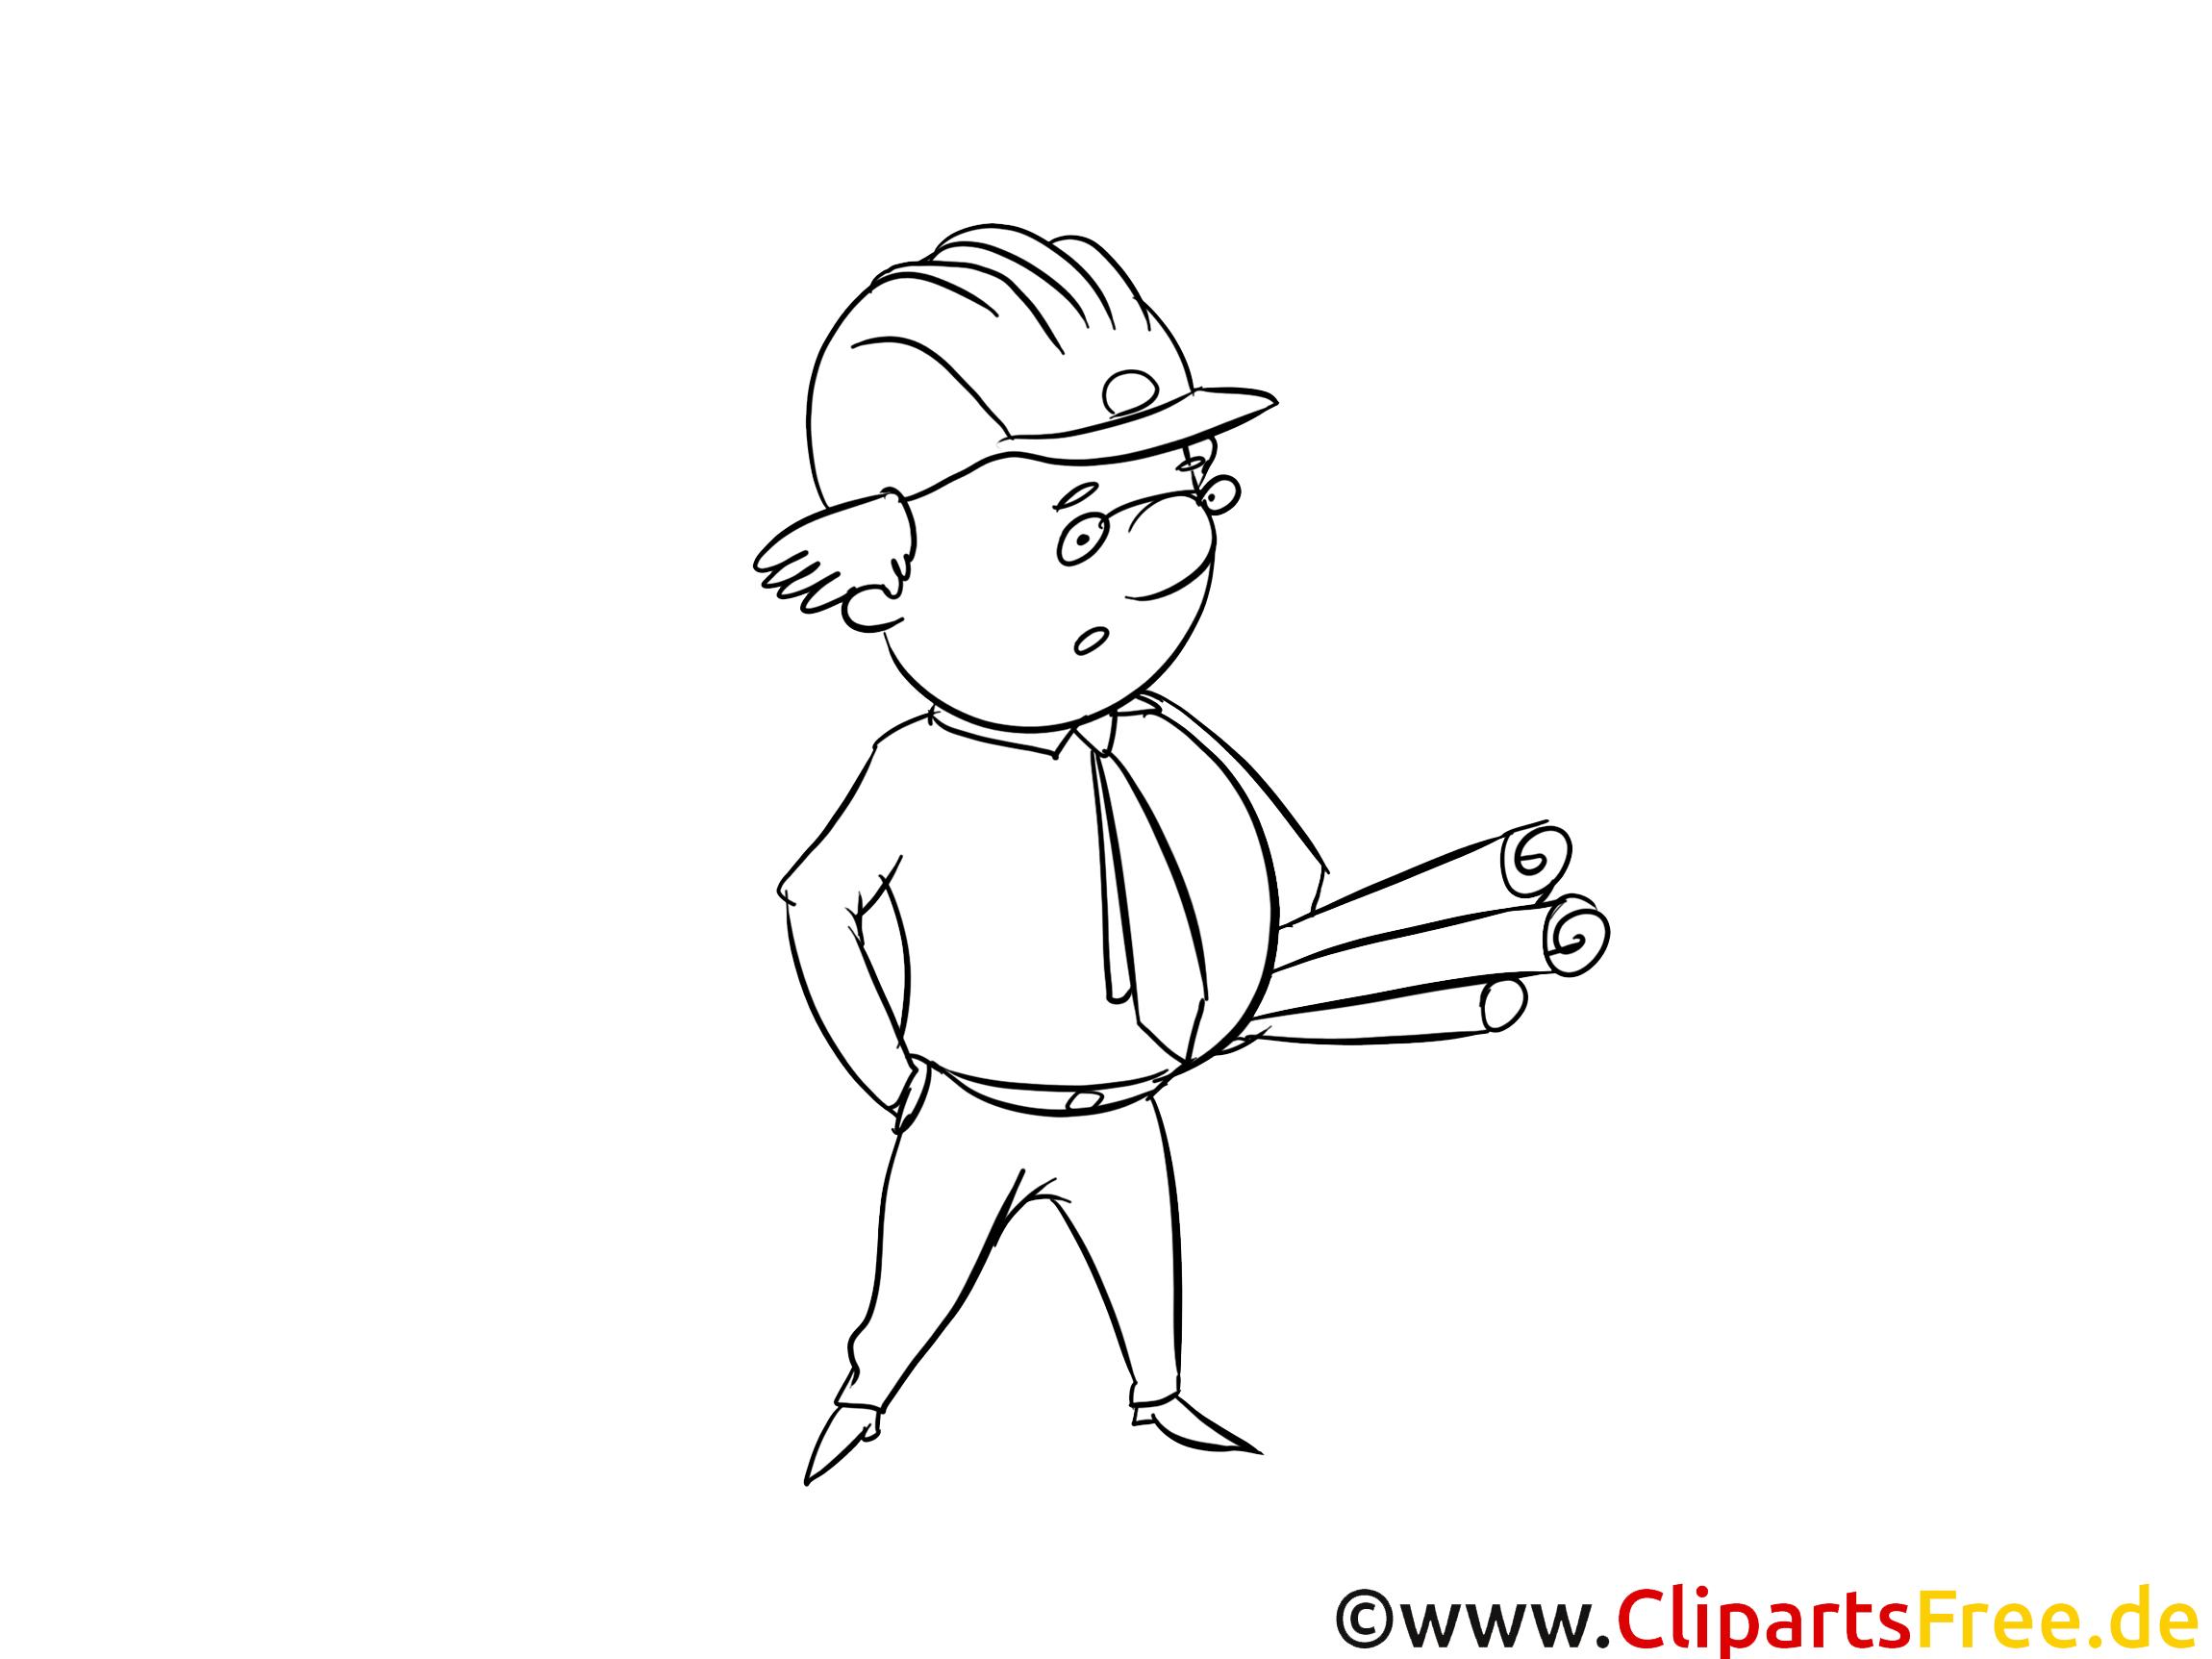 Coloriage chef de chantier m tiers image t l charger professions coloriages dessin picture - Coloriage de chantier ...